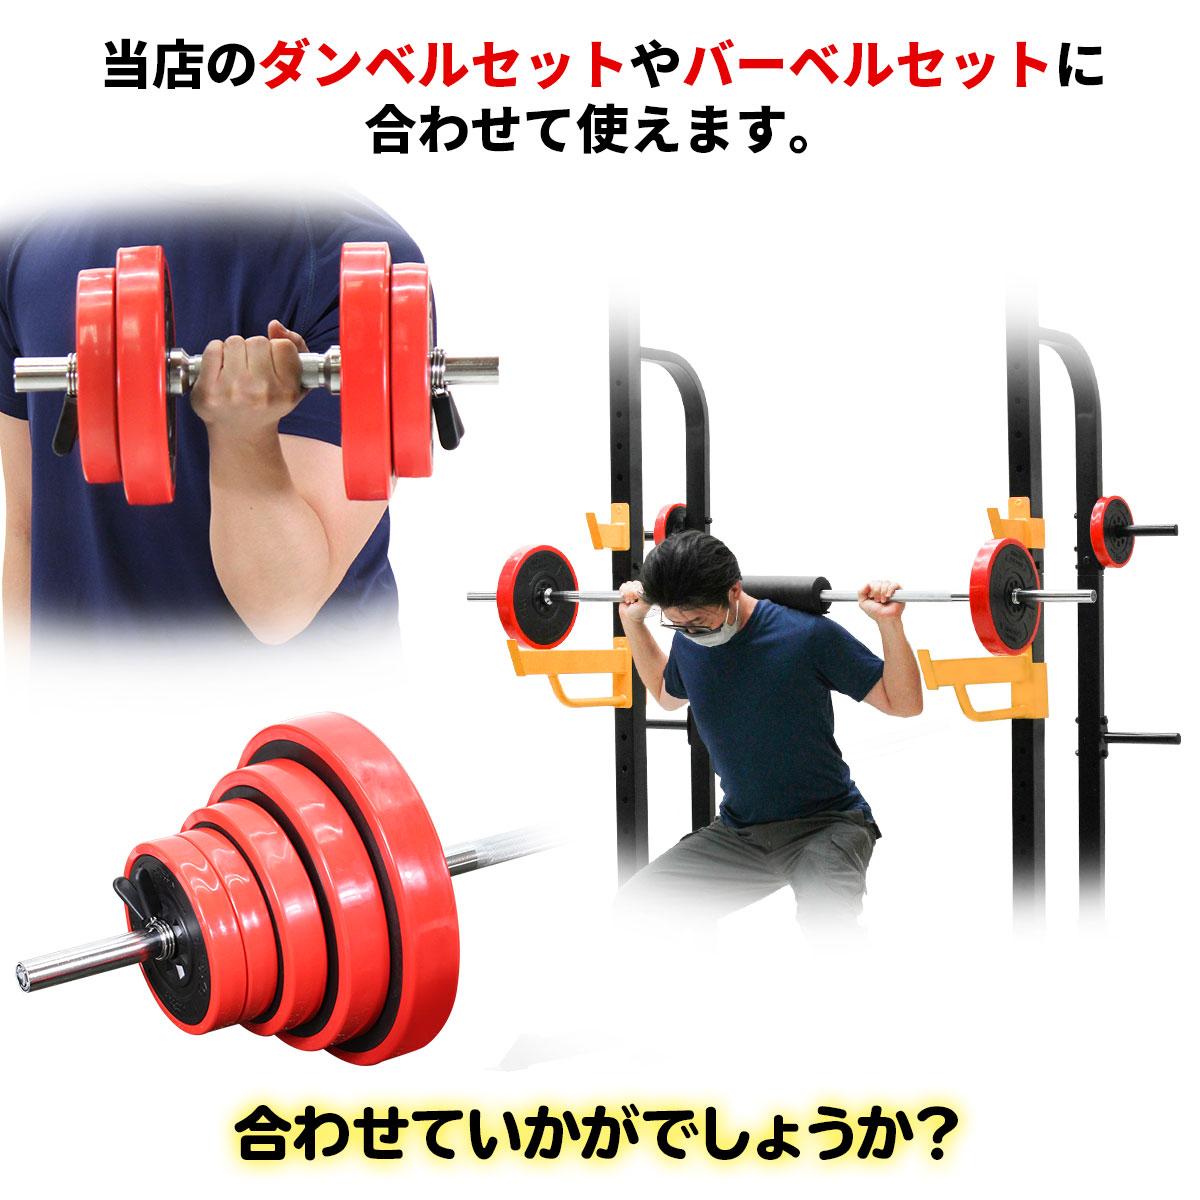 バーベル プレート 1.25kg 2個セット 重り 筋トレ ウエイト トレーニング ジム 器具 ベンチプレス フィットネス